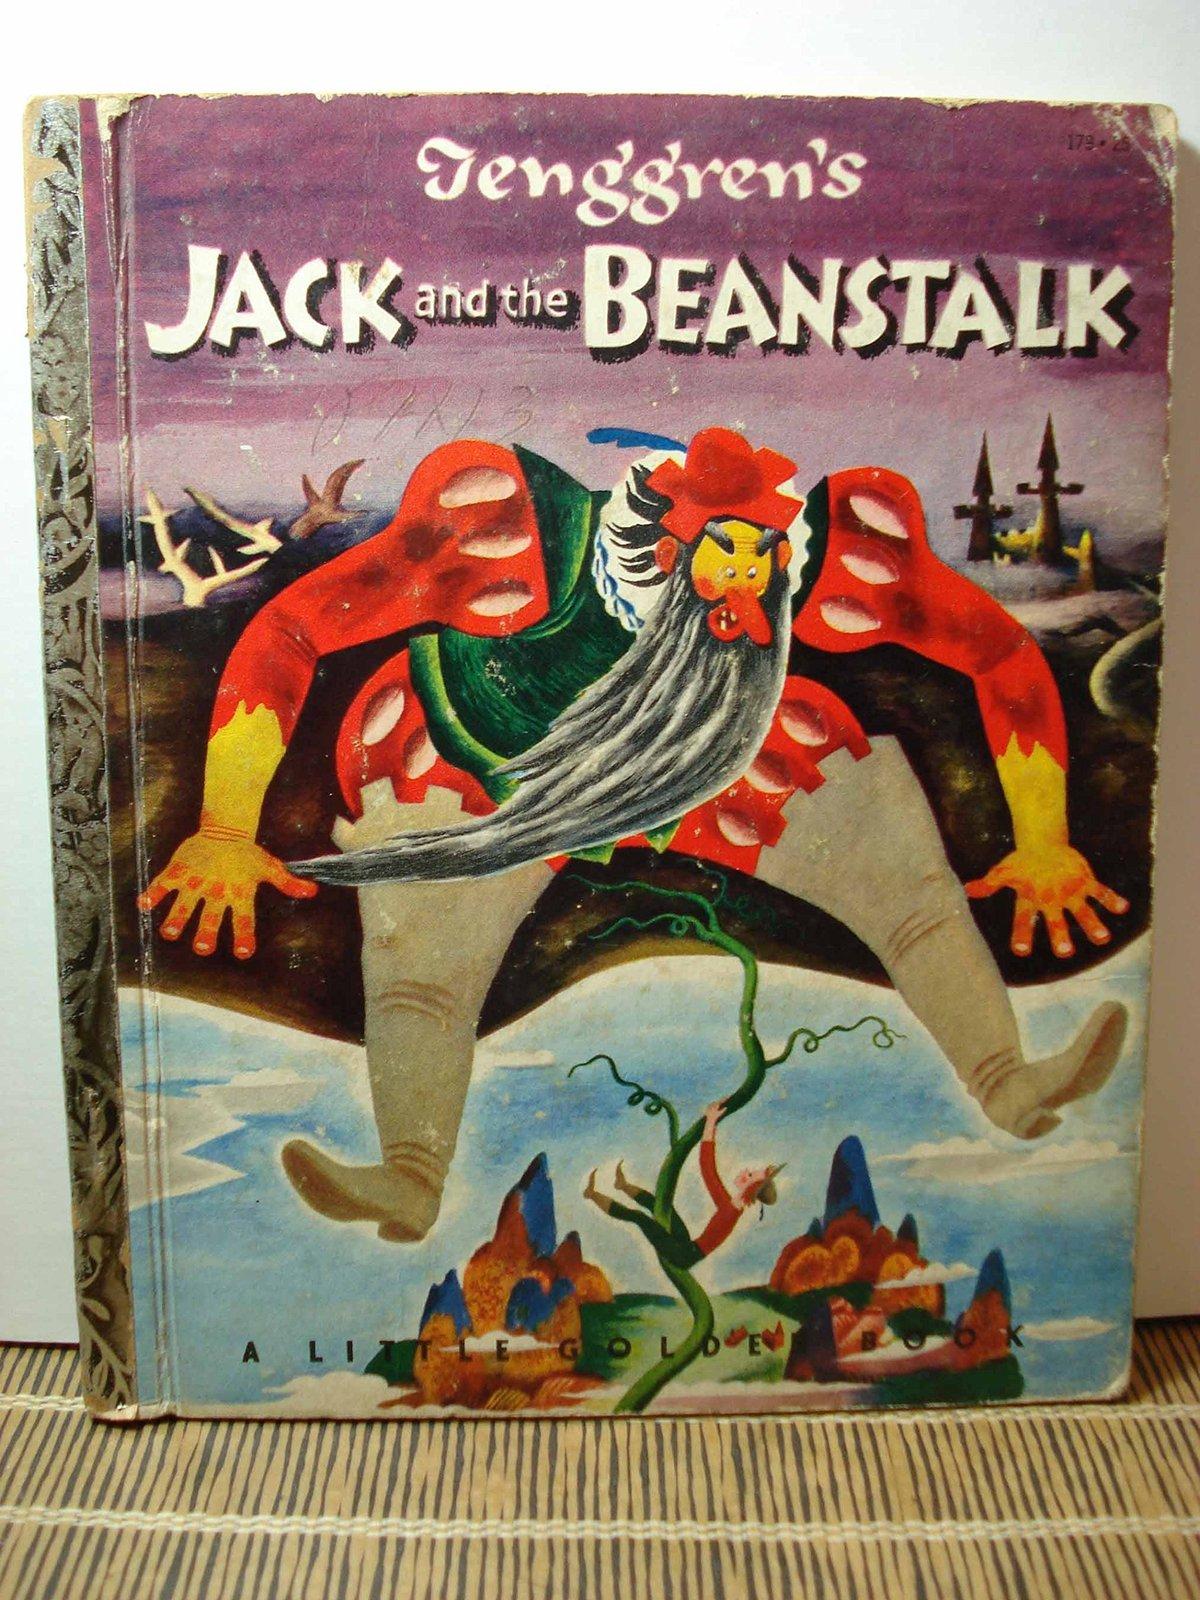 Tenggren's JACK and the BEANSTALK Little Golden Book #179 (1953) A Edition VG